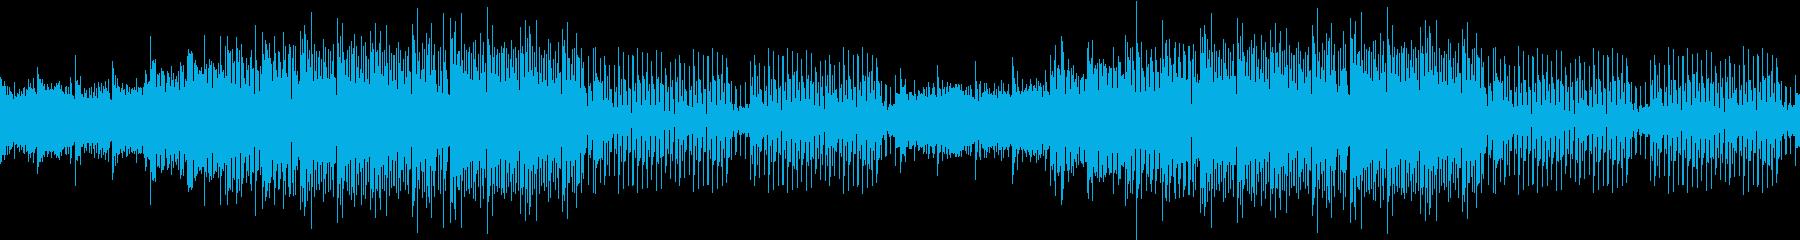 爽やか・明るい・和風・EDM・琴・尺八の再生済みの波形